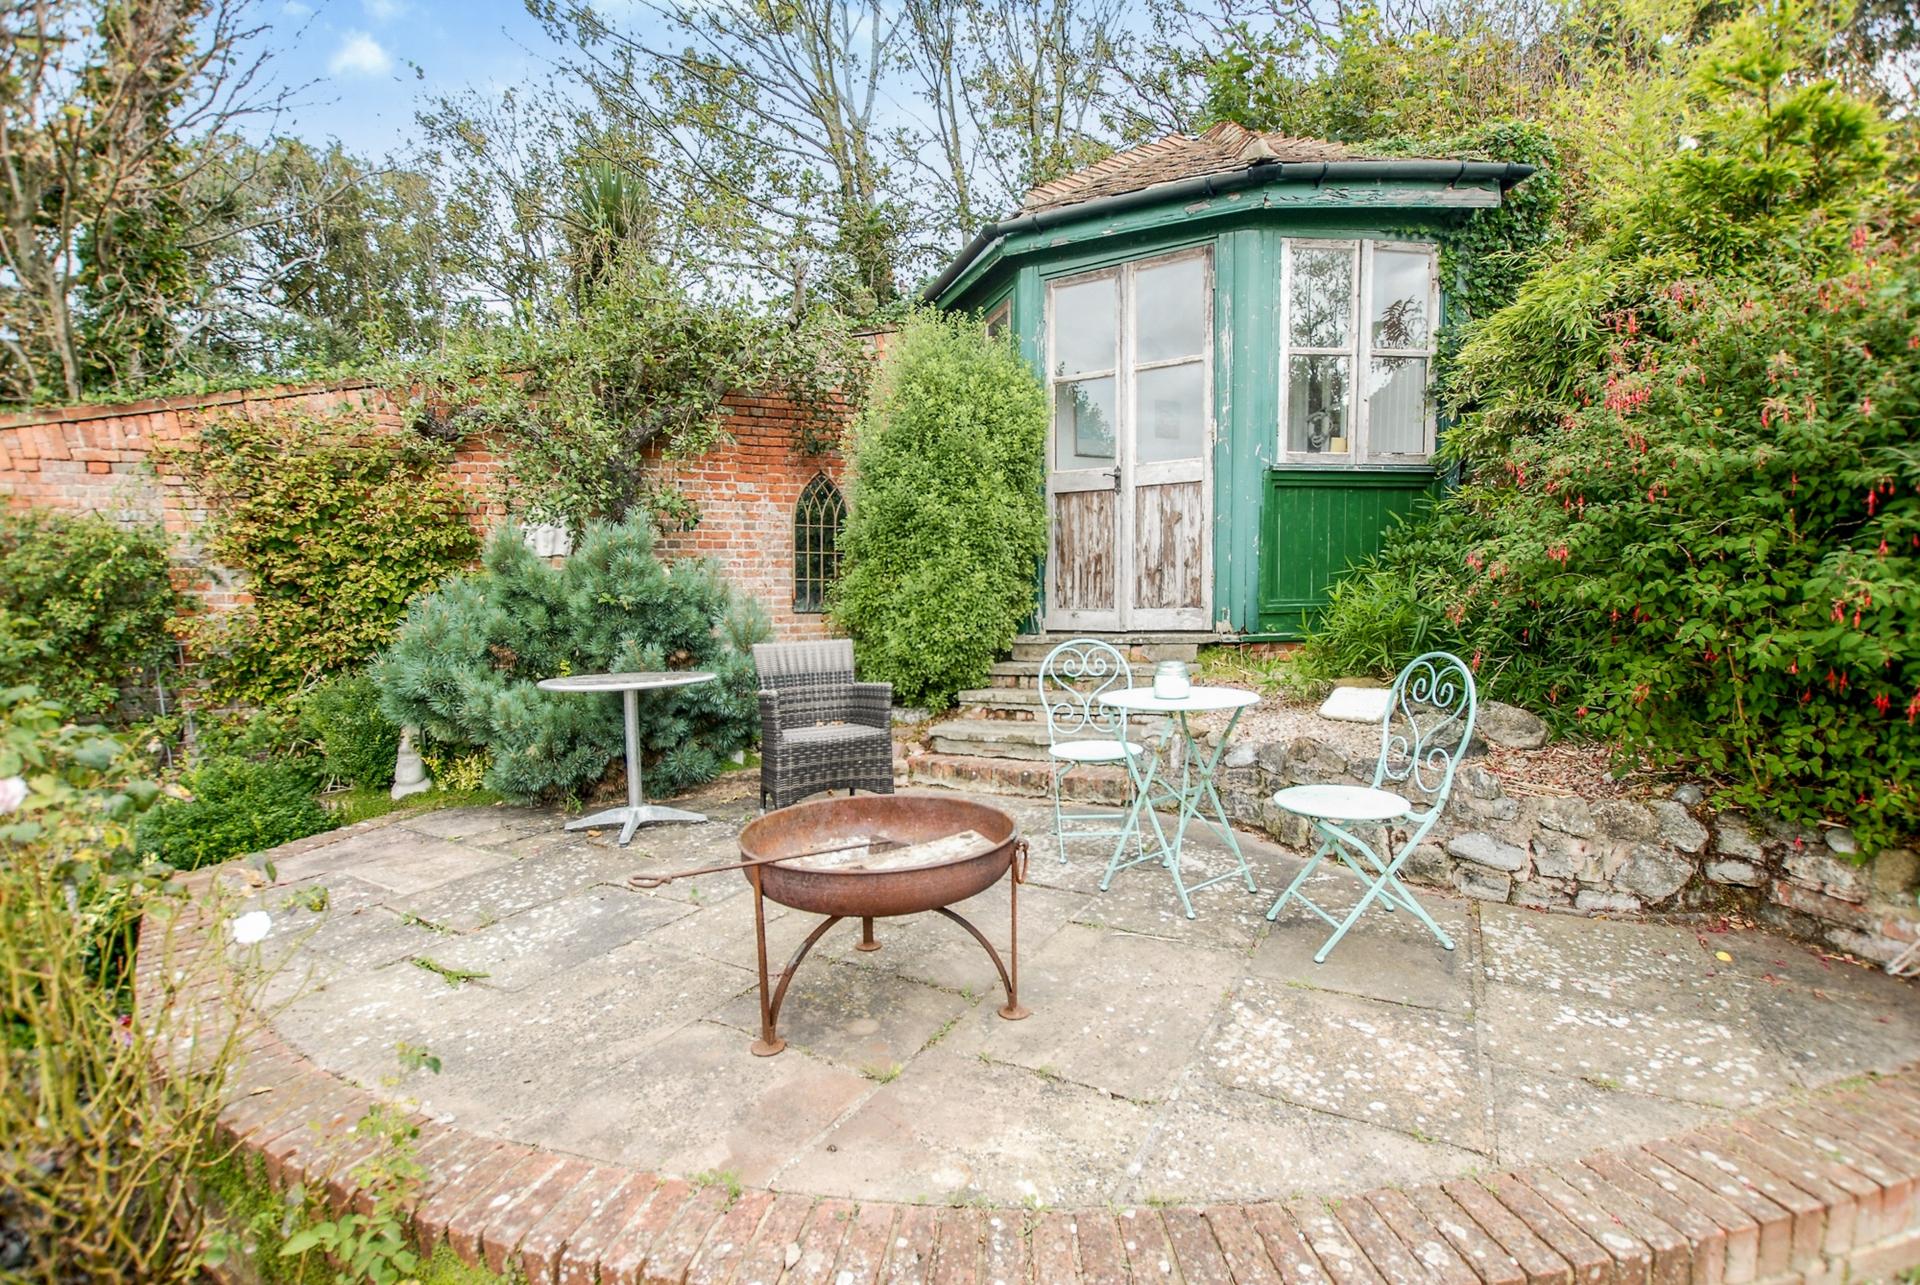 Terrace & Summerhouse